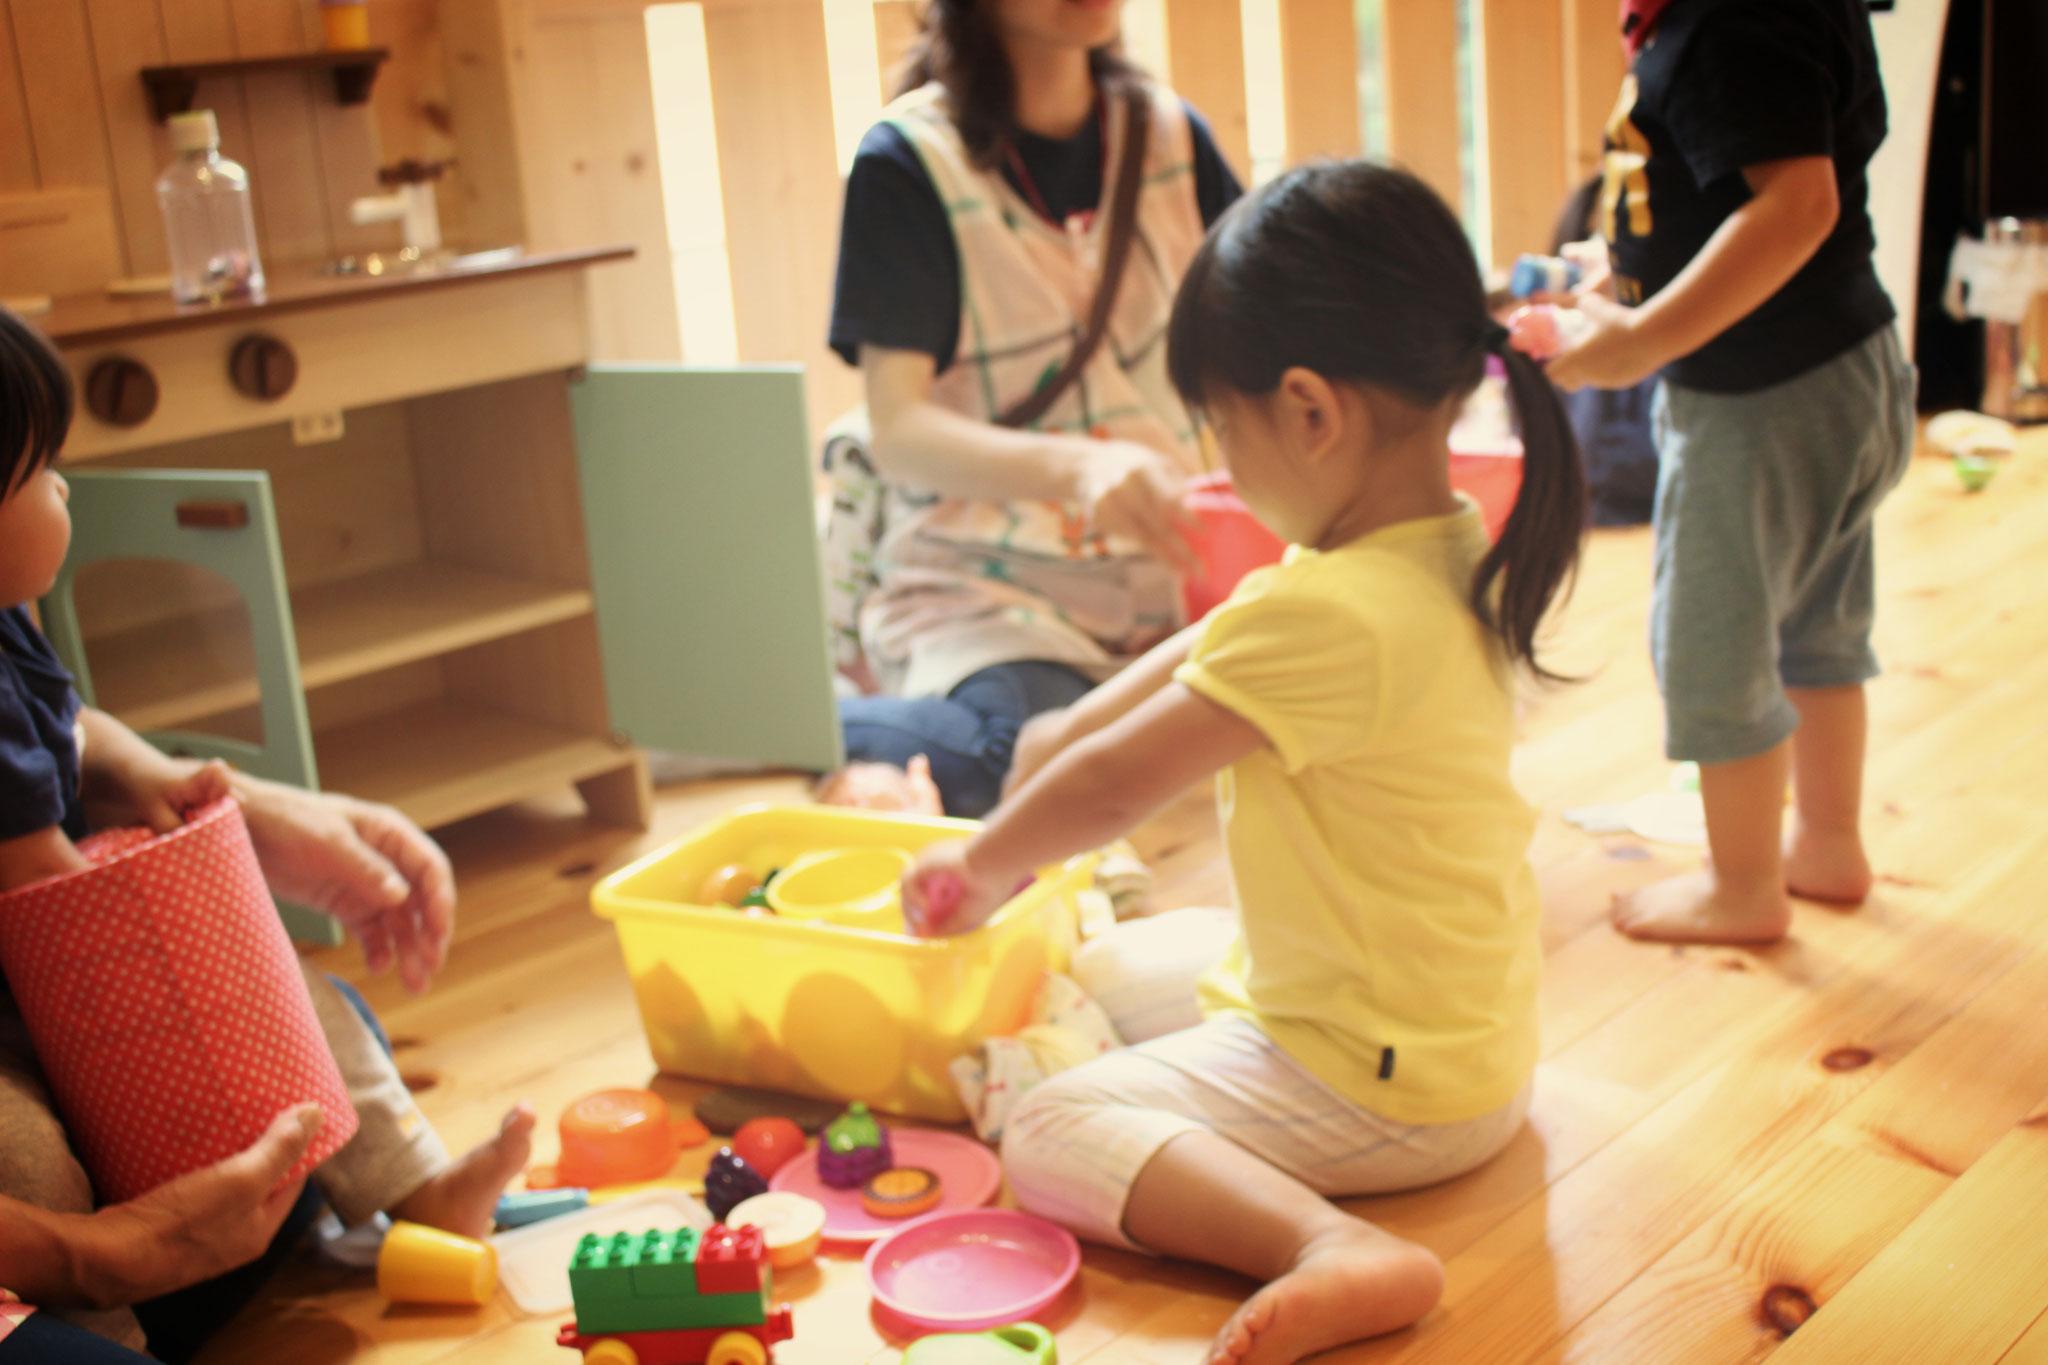 みんなままごと遊びが好きです 日々遊びを面白く発展させることで「創造力」が豊かになりますね